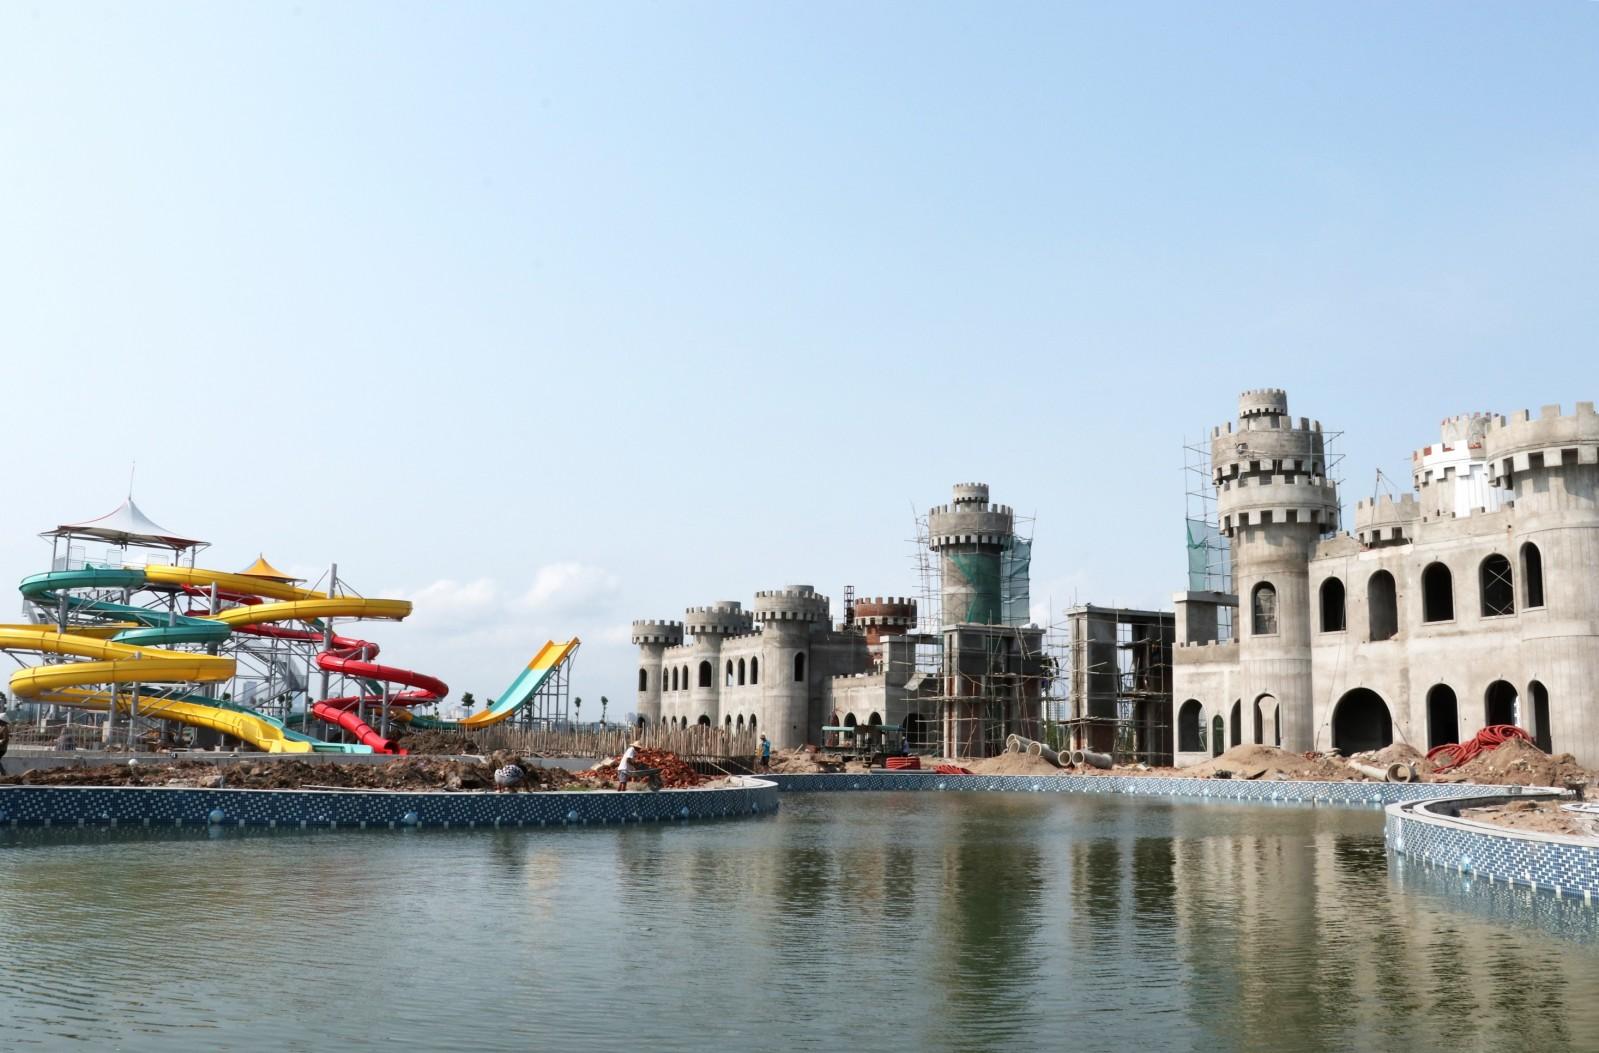 Khu vực lâu đài trò chơi đang dần được hoàn thiện